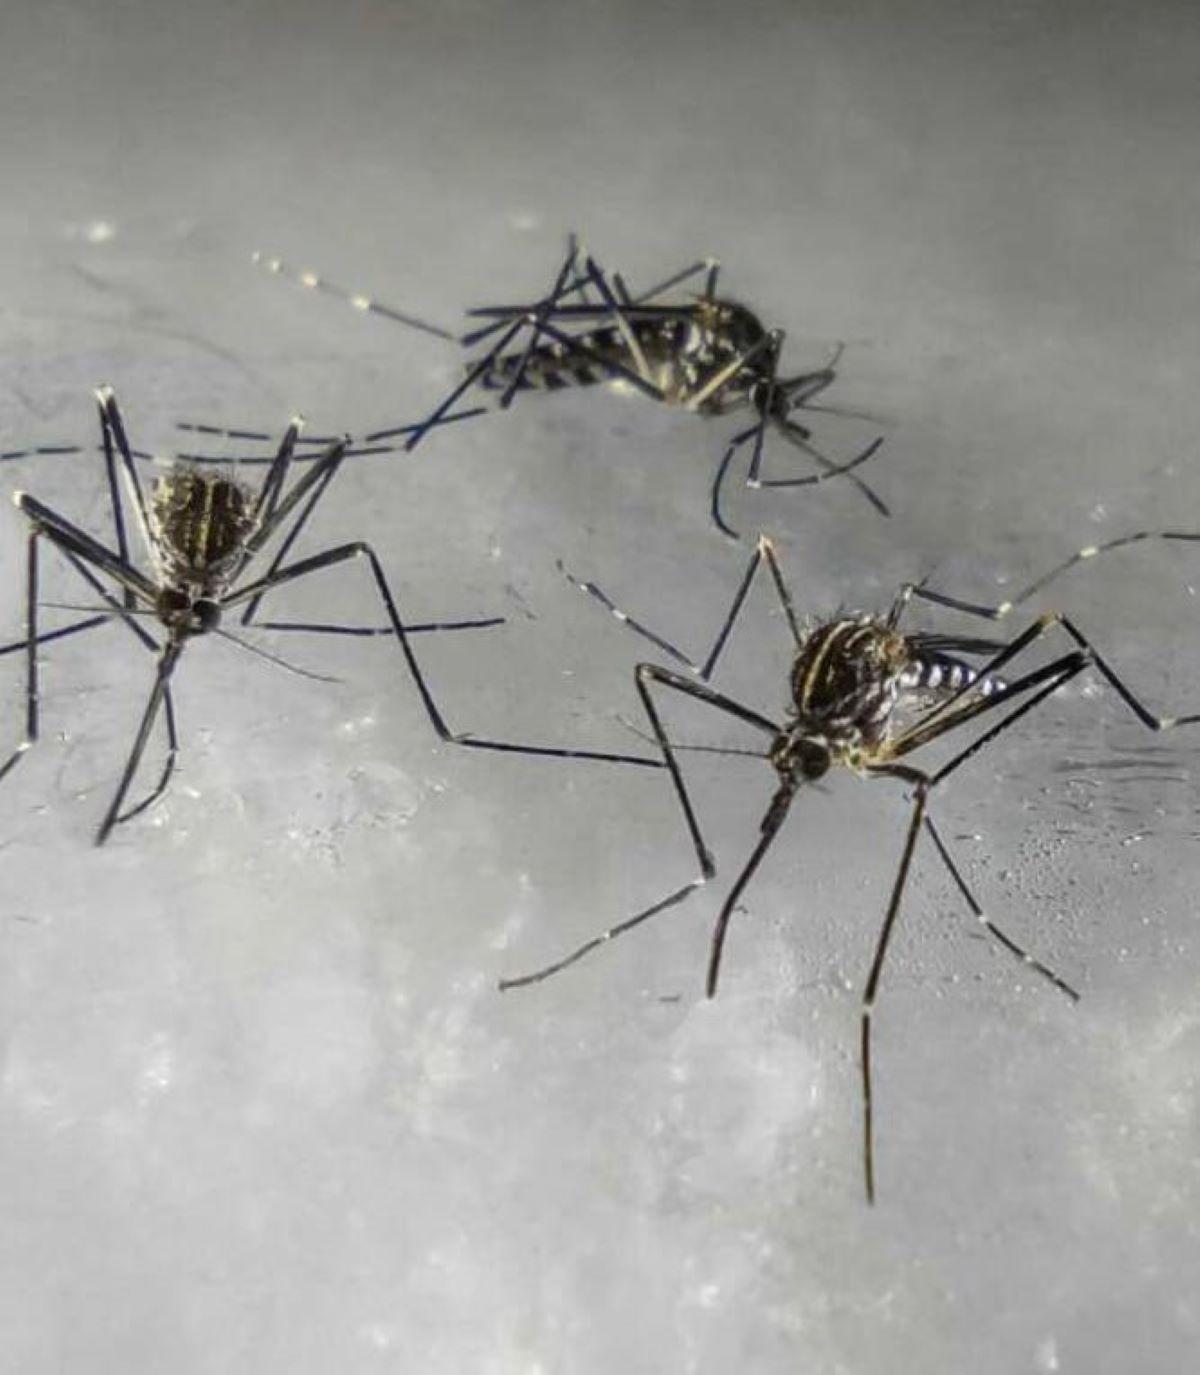 La zanzara coreana piomba in Italia: l'allarme degli esperti